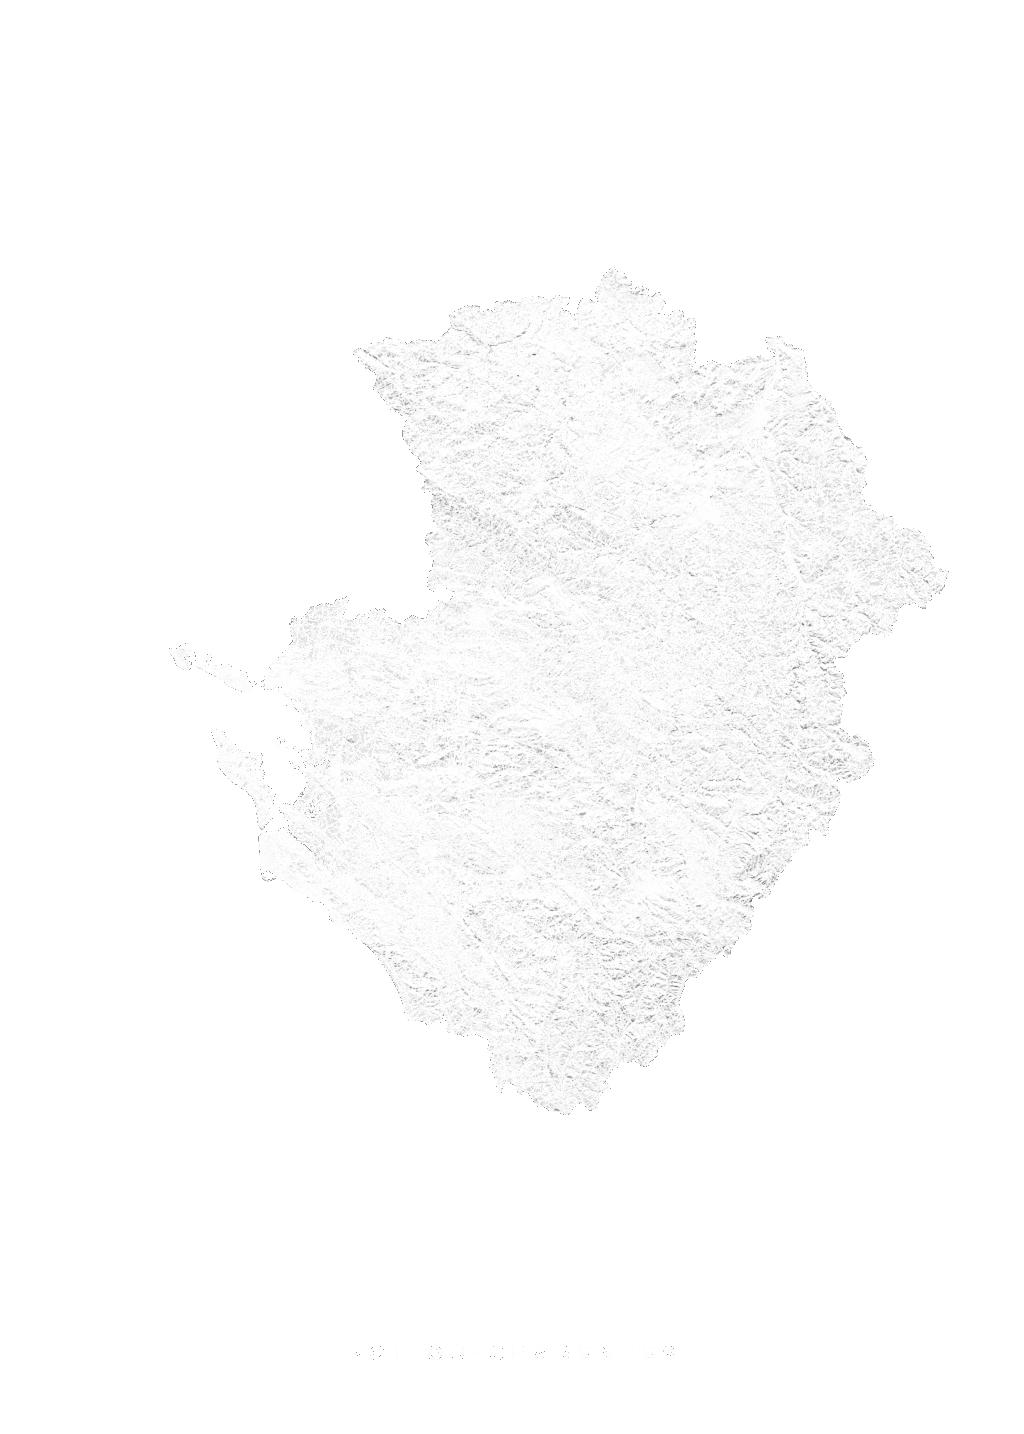 Poitou Charentes wall map